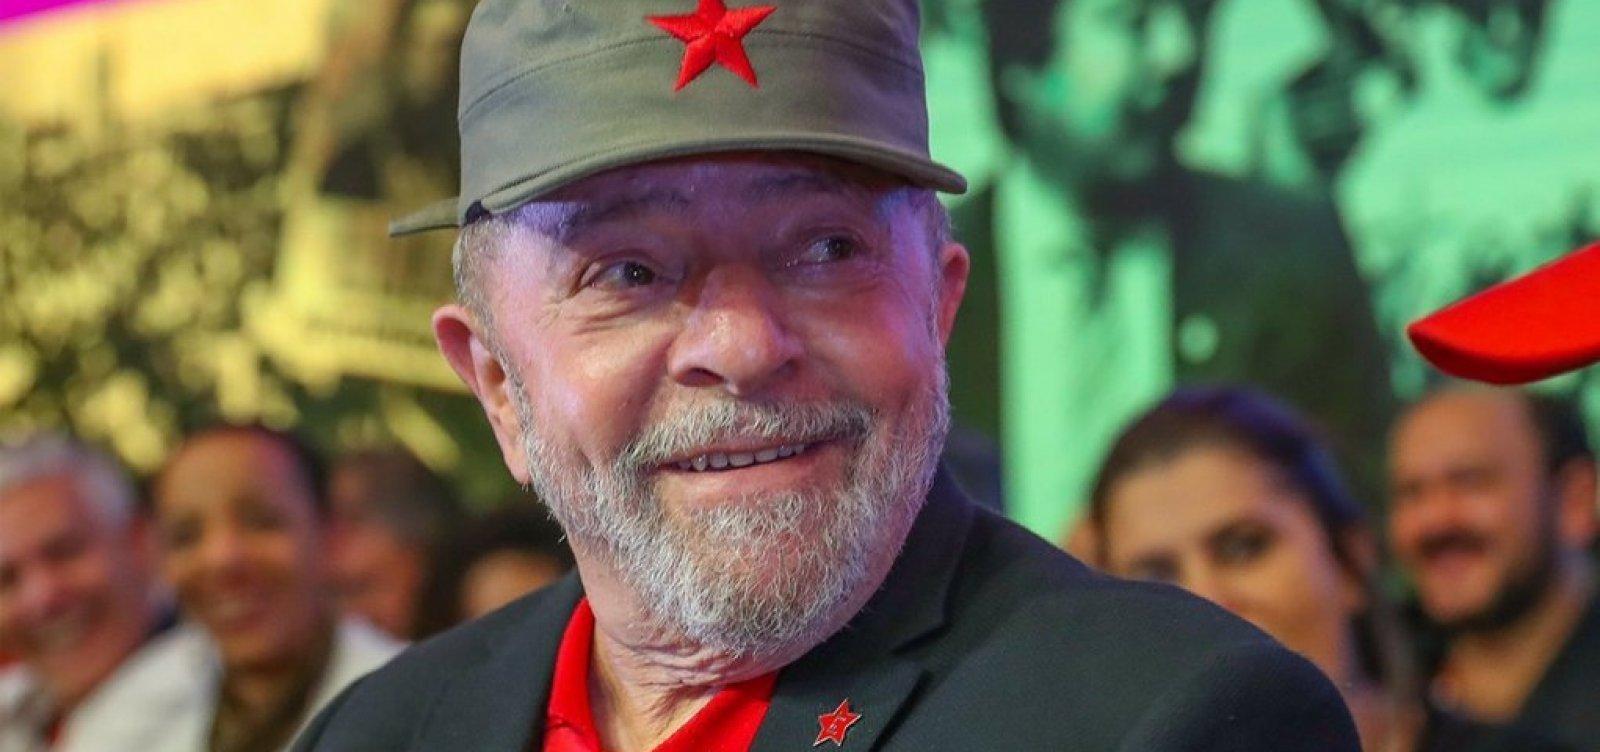 [Representantes do PT na Bahia comemoram liberdade de Lula e reforçam sua inocência]